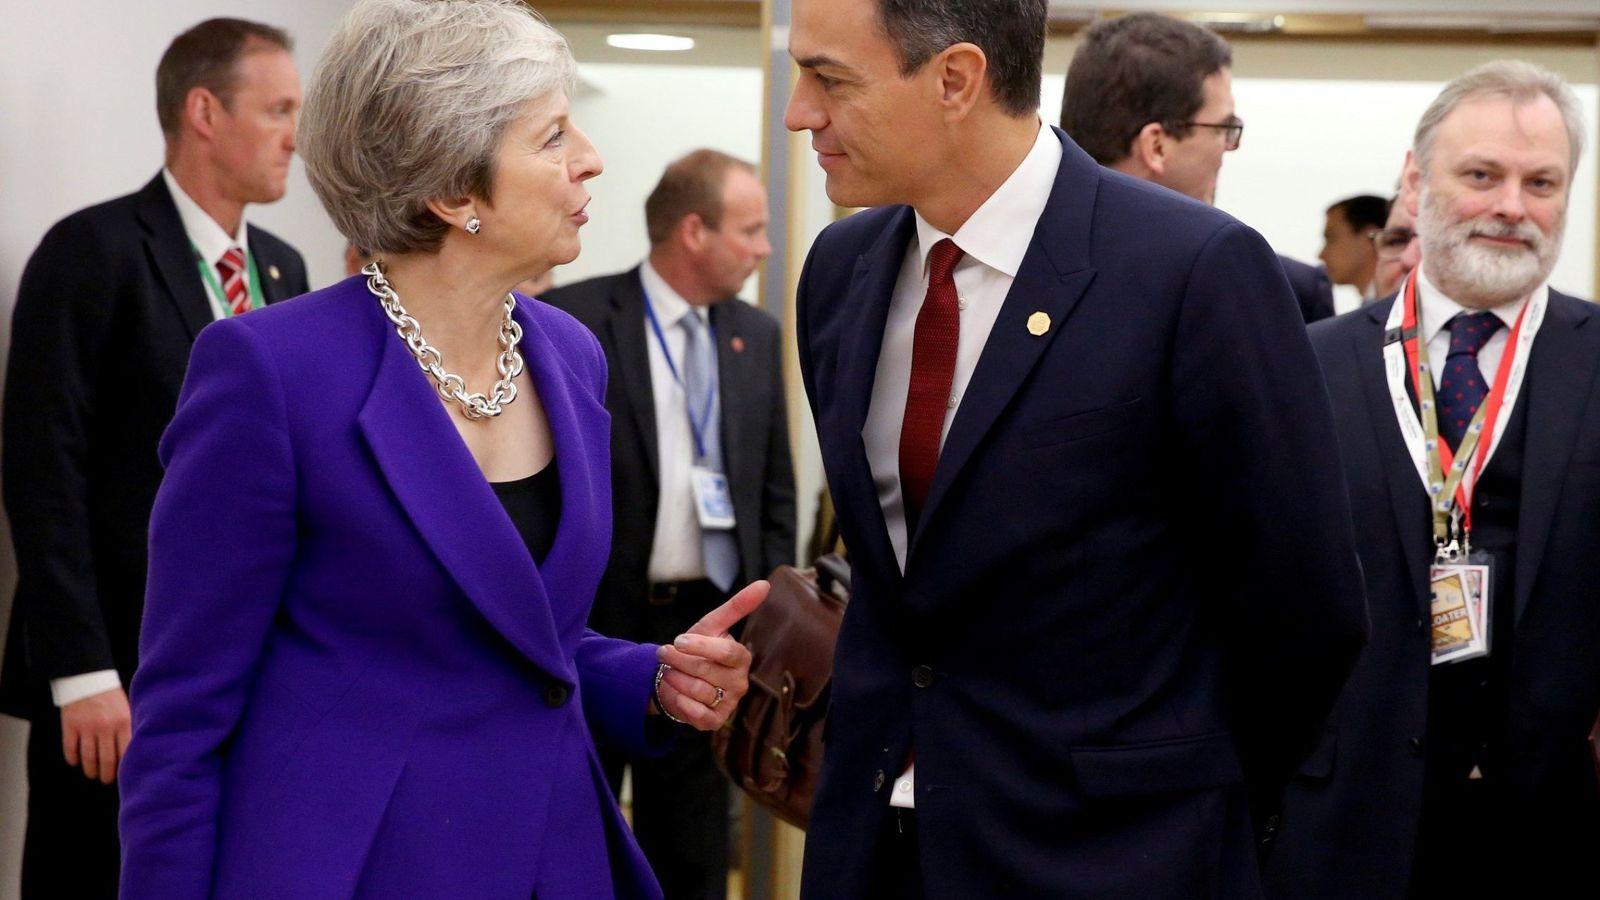 Foto: Pedro Sánchez conversa con la primera ministra británica, Theresa May, en la segunda jornada de la cumbre europea, en Bruselas, este 18 de octubre. (EFE)